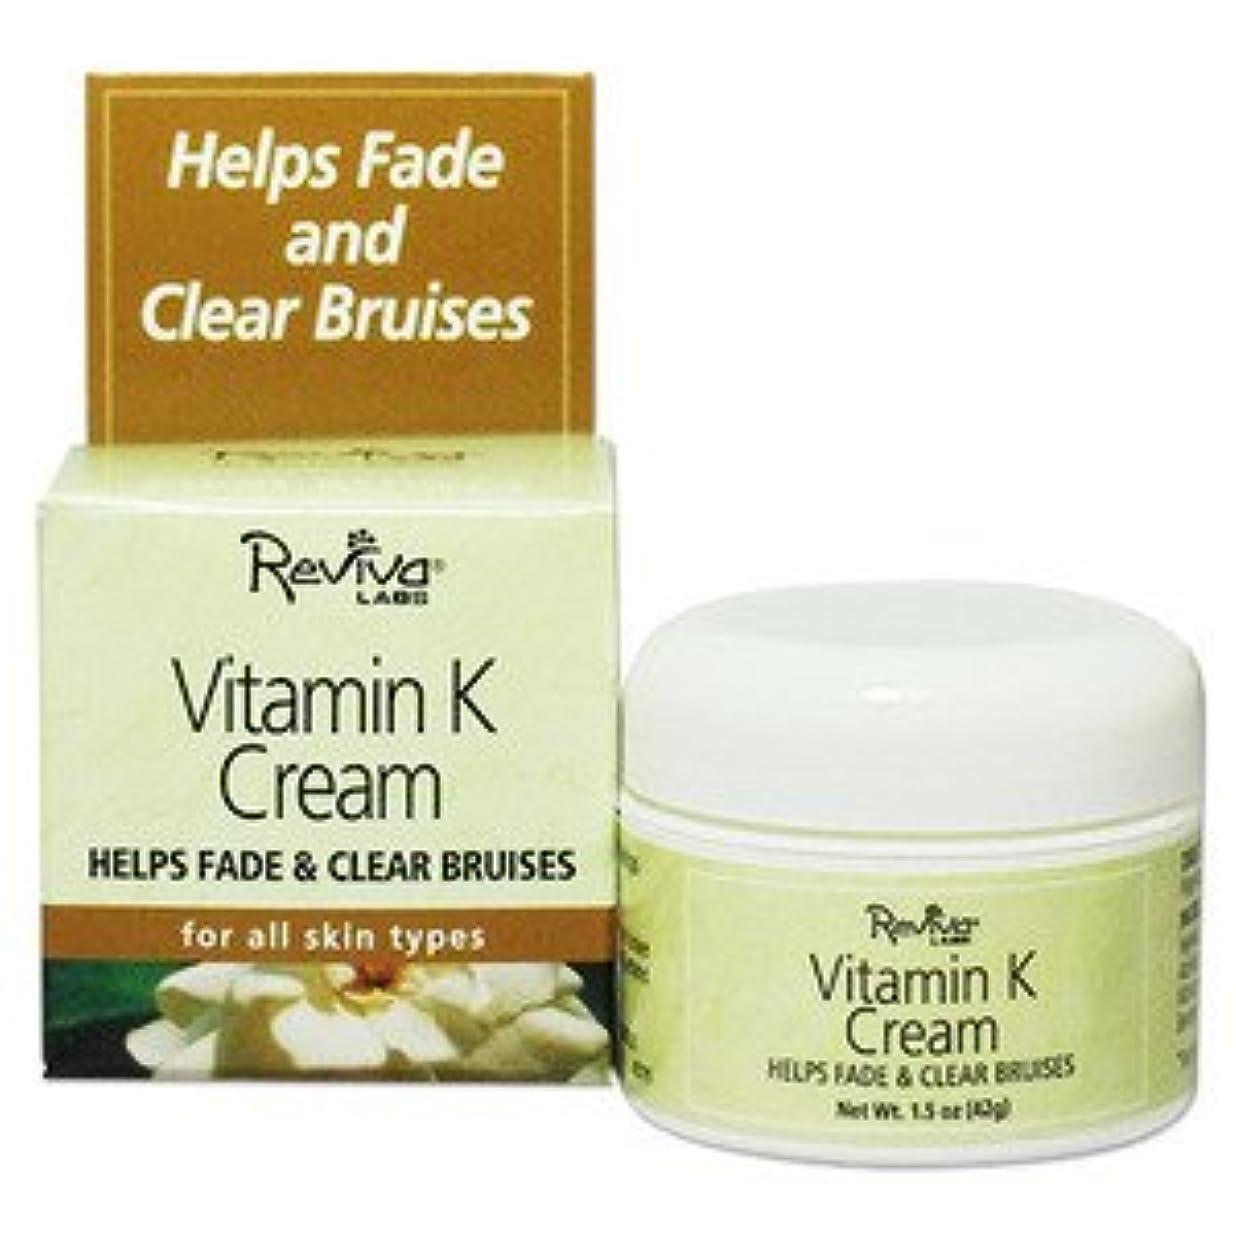 感情横向きつまずくReviva Labs レビバ社 Vitamin K Cream  (42 g)  ビタミンK クリーム 海外直送品